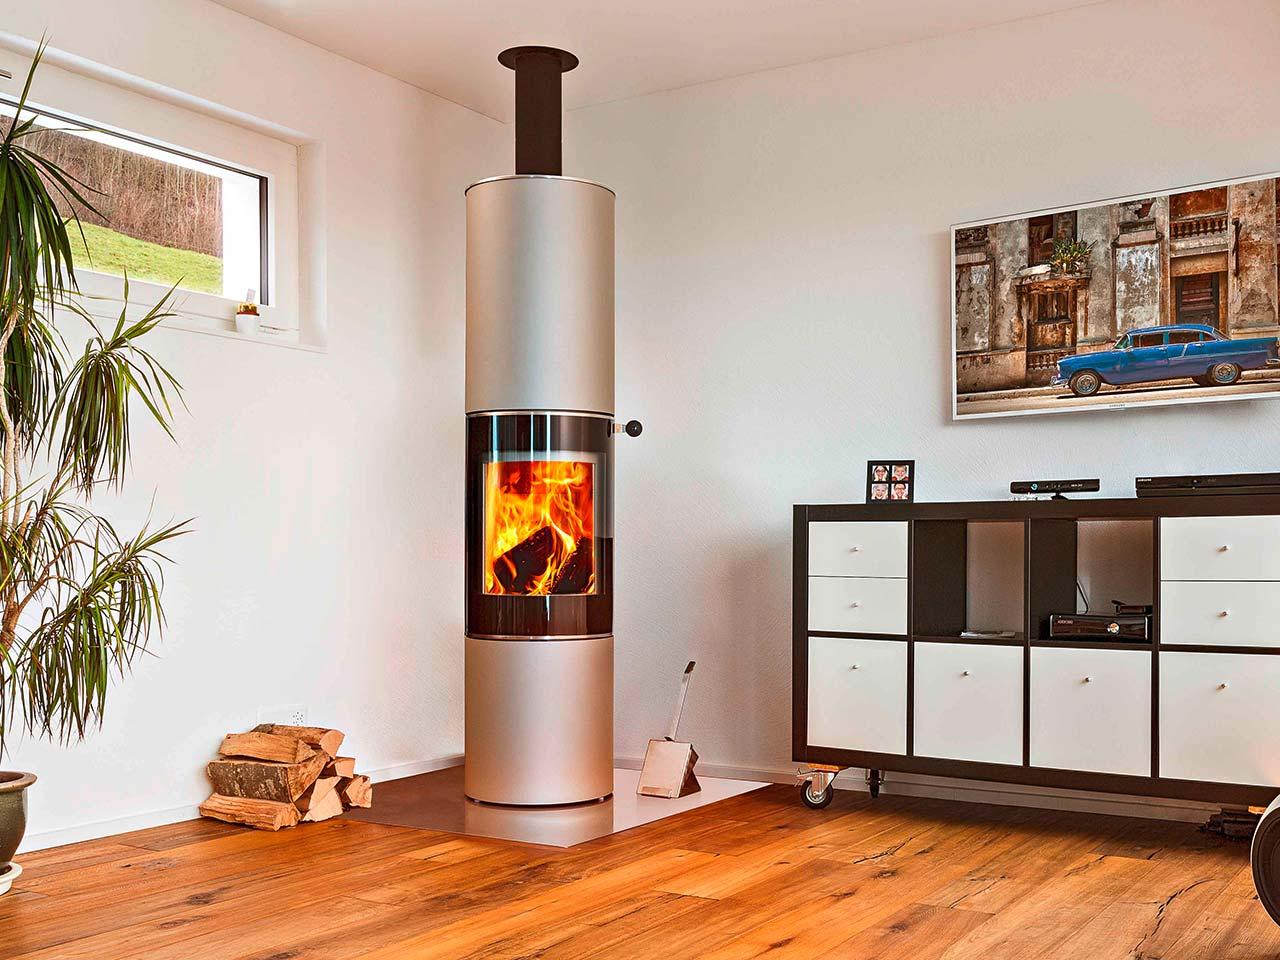 Runder Design-Kaminofen attika Pilar 180, vernickelt, freistehend mit halbrunder Glasscheibe und Speicherelement